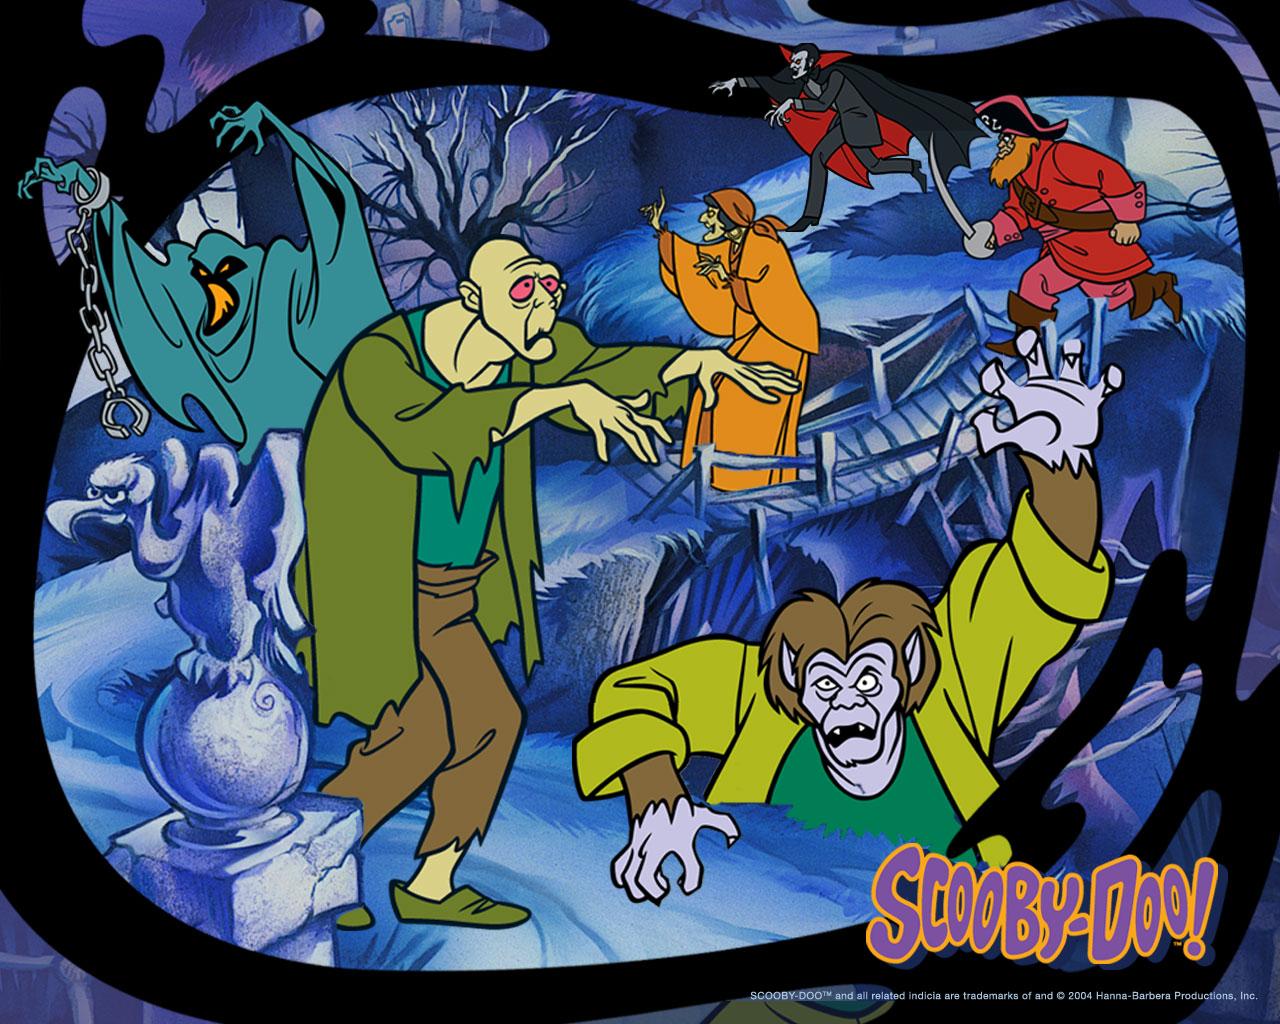 Cool Wallpaper Halloween Scooby Doo - scooby-doo-wallpaper-007  Snapshot_3853.jpg